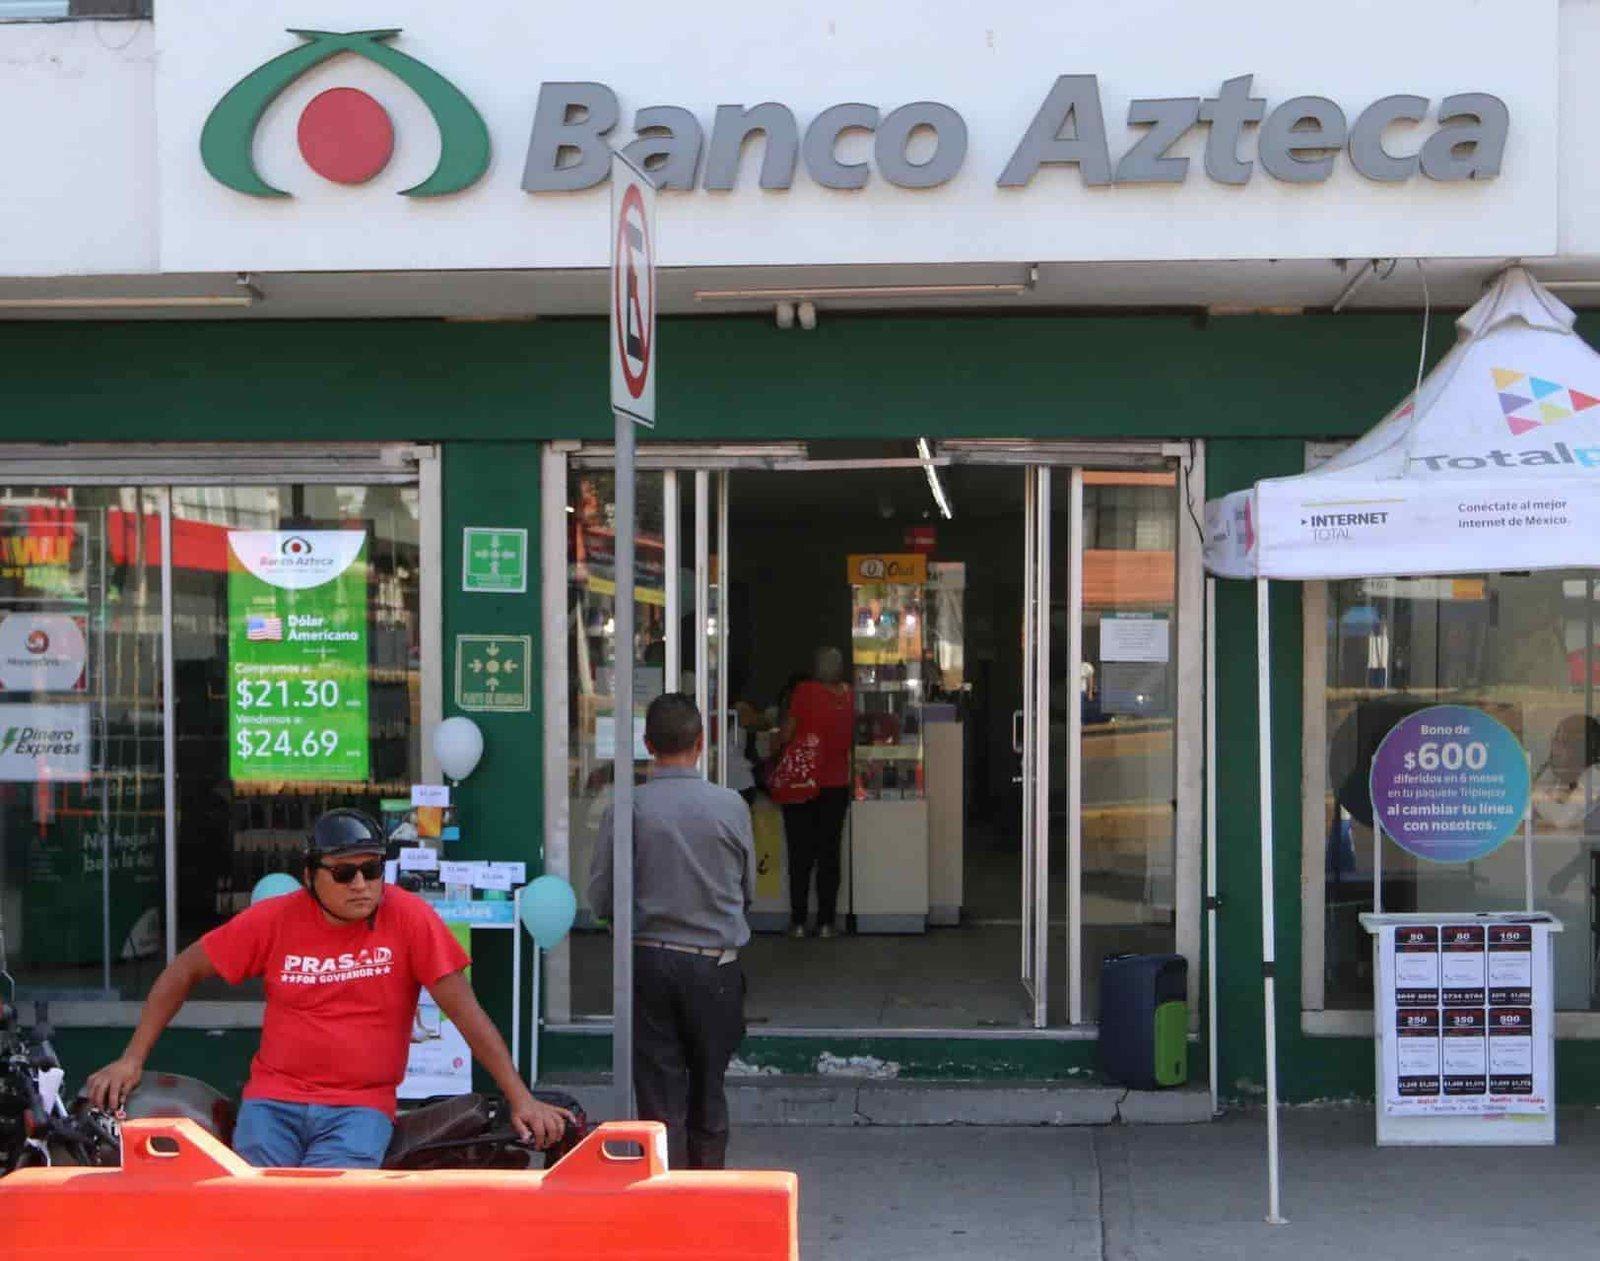 Puede haber más afectados tras robo de ahorros en Banco Azteca, dicen